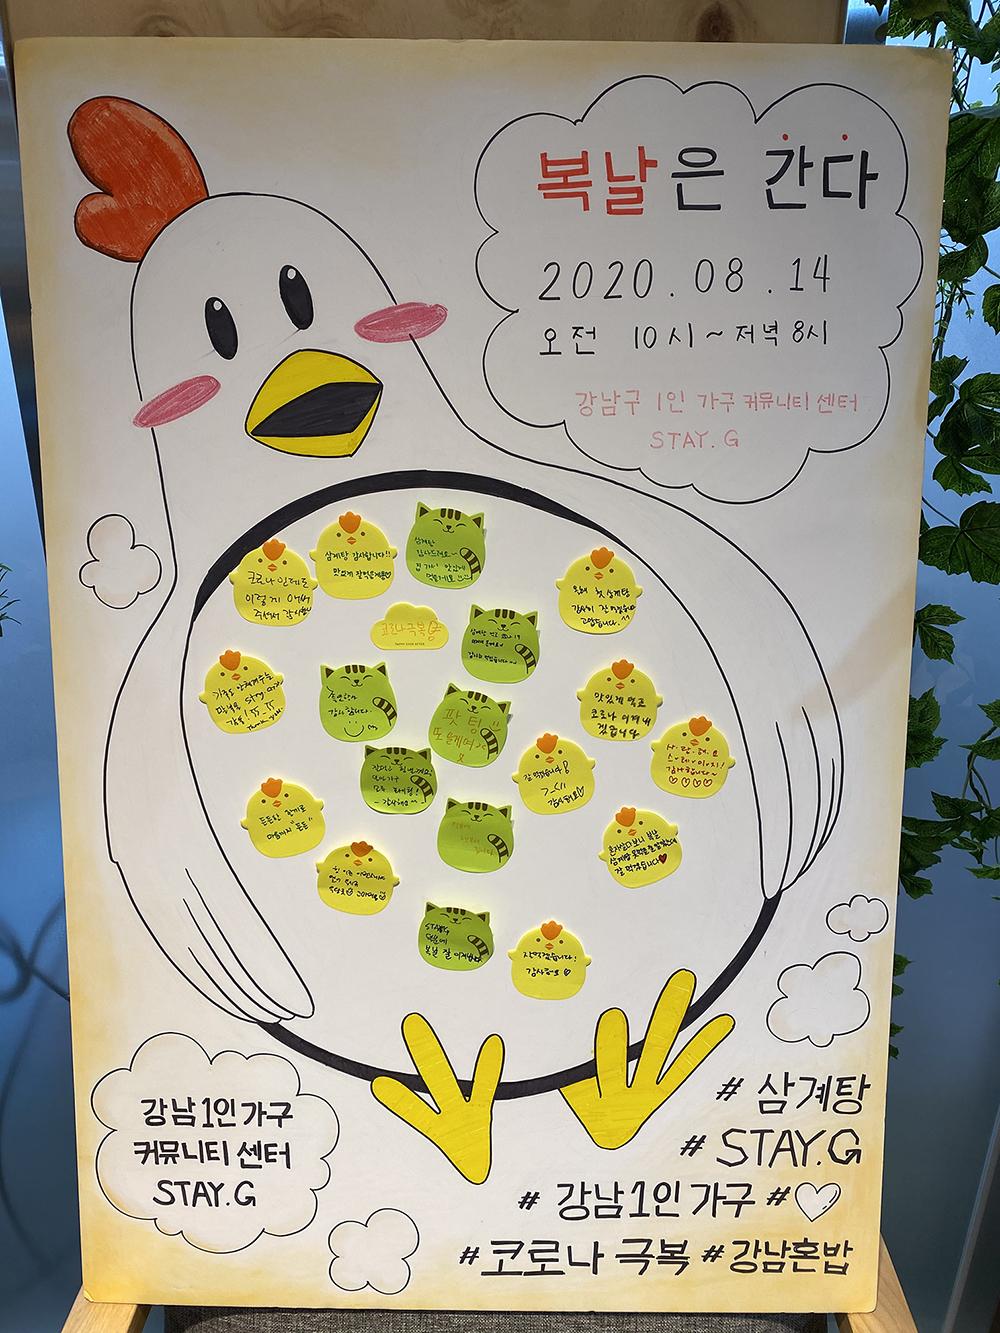 [소셜다이닝] STAY.G 멤버초청 복날은간다(feat.삼계탕) 후기